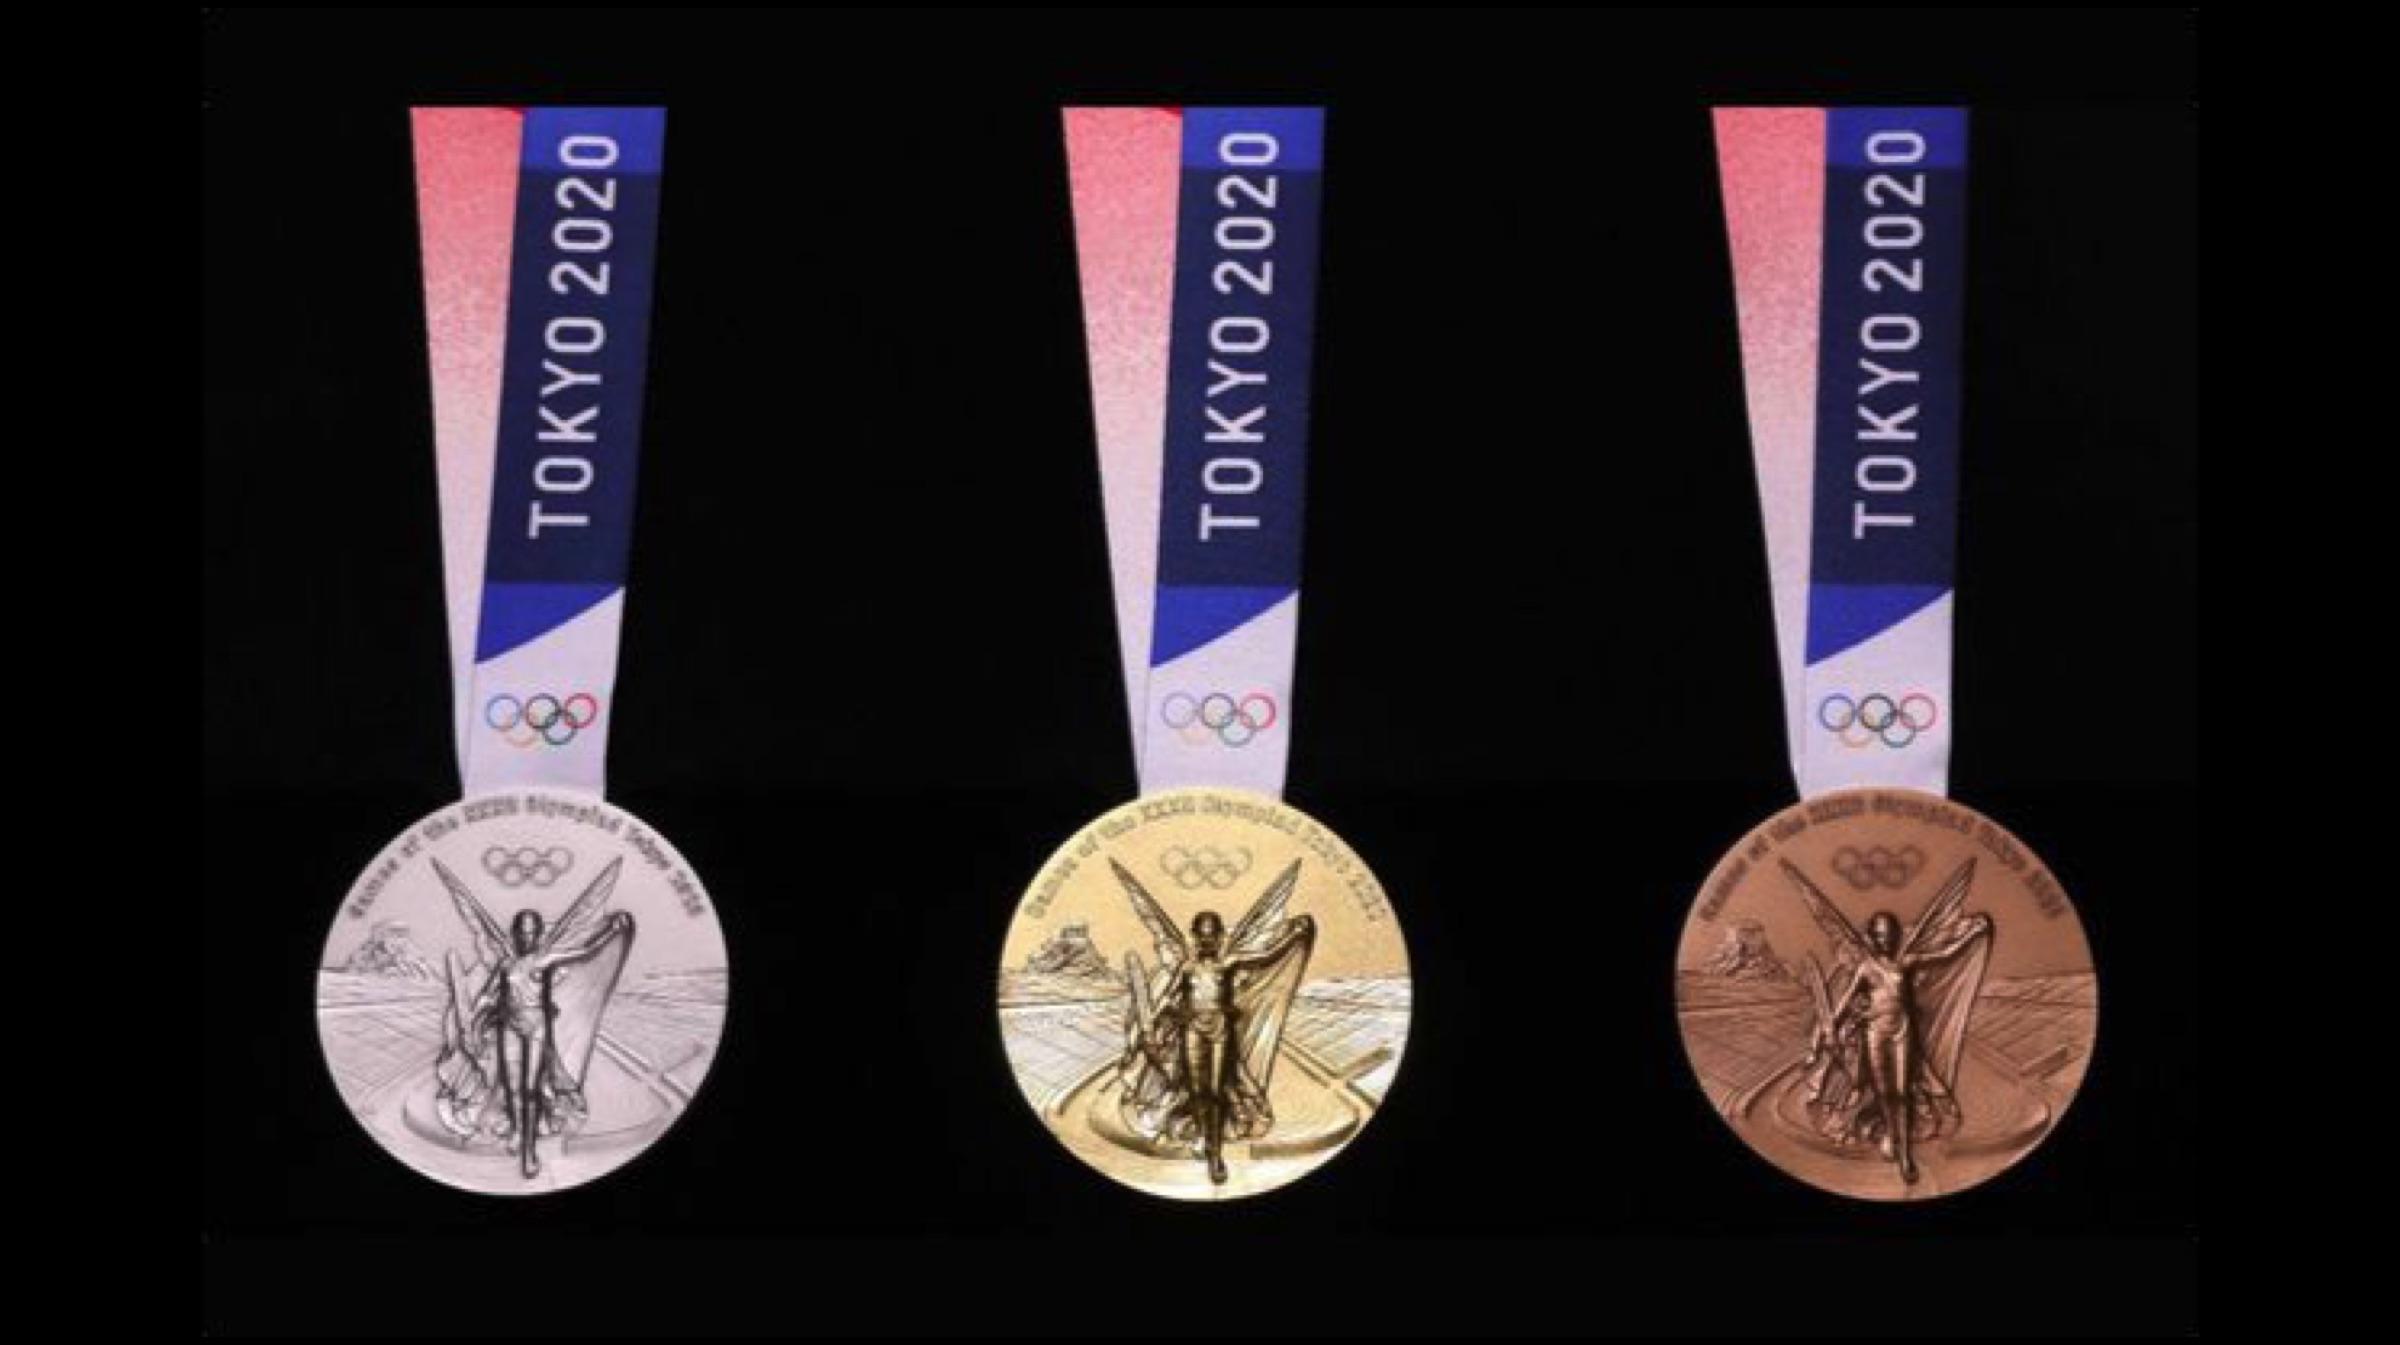 Die Medaillen für die Olympischen Spiele 2020 werden aus Gold hergestellt, das von alten Smartphones recycelt wird 2